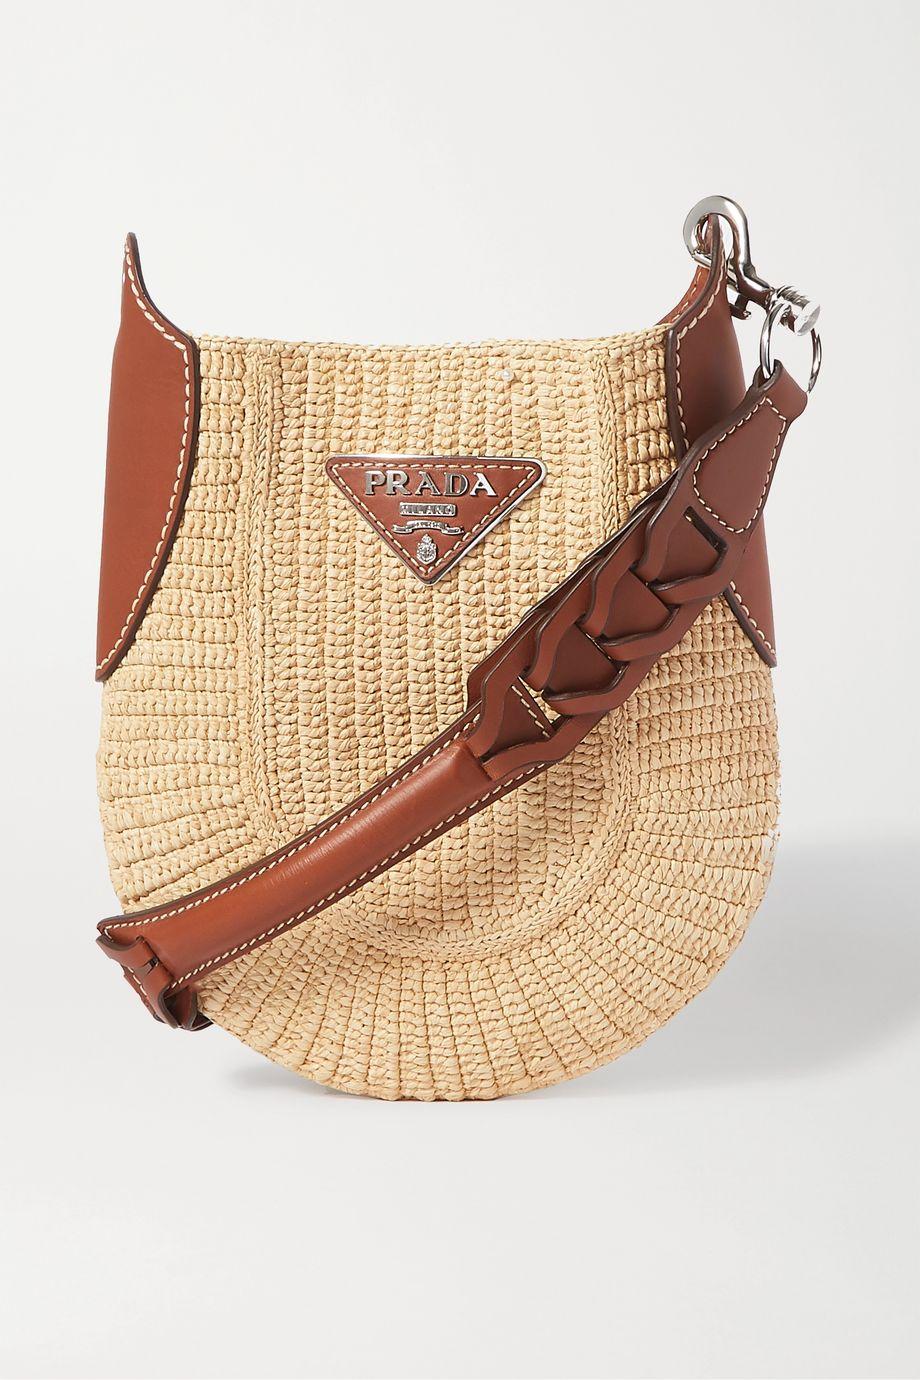 Prada Saddle leather-trimmed raffia shoulder bag